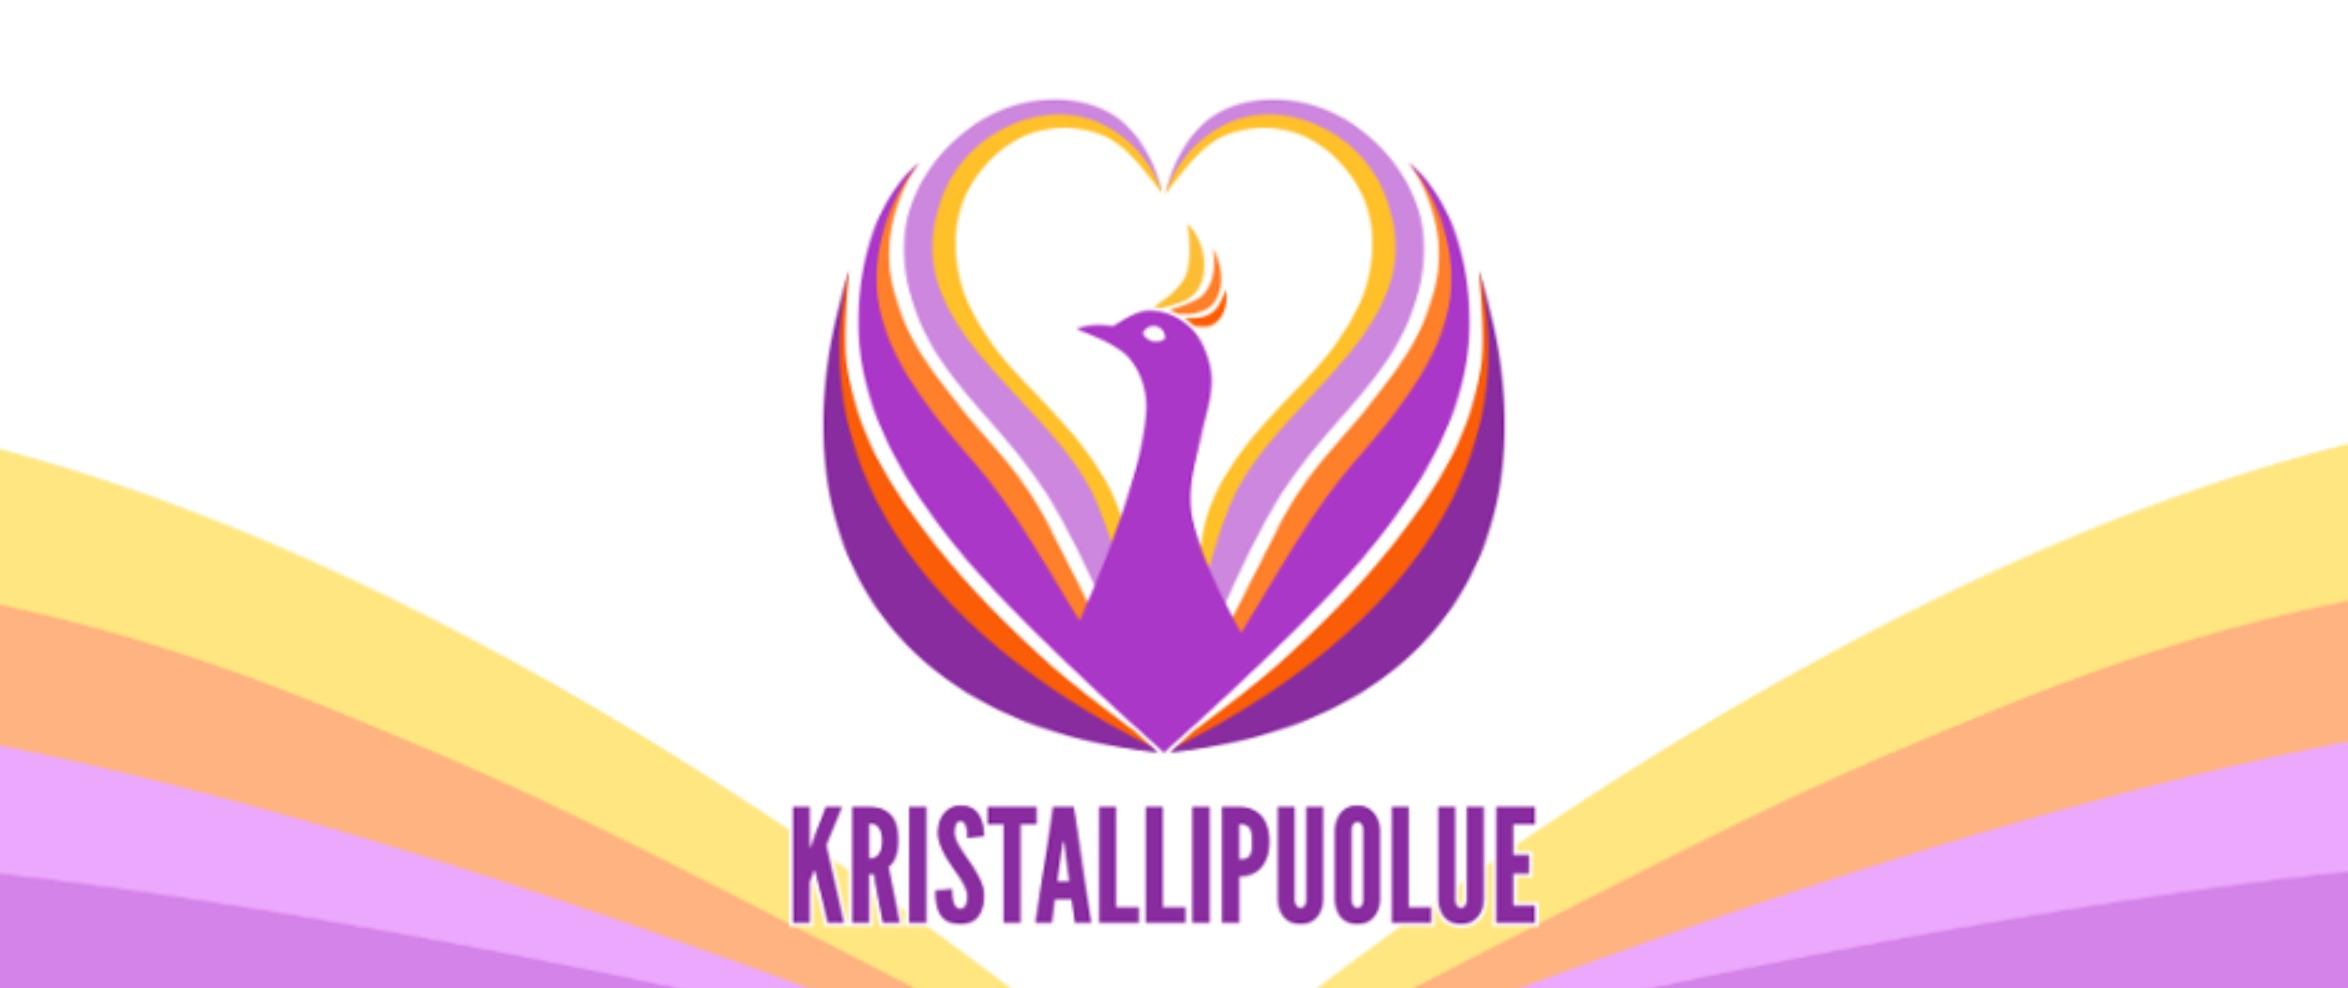 """""""Valo nousee Pohjolasta"""" – Kristallipuolue haluaa olla osa profetioiden loistetta"""